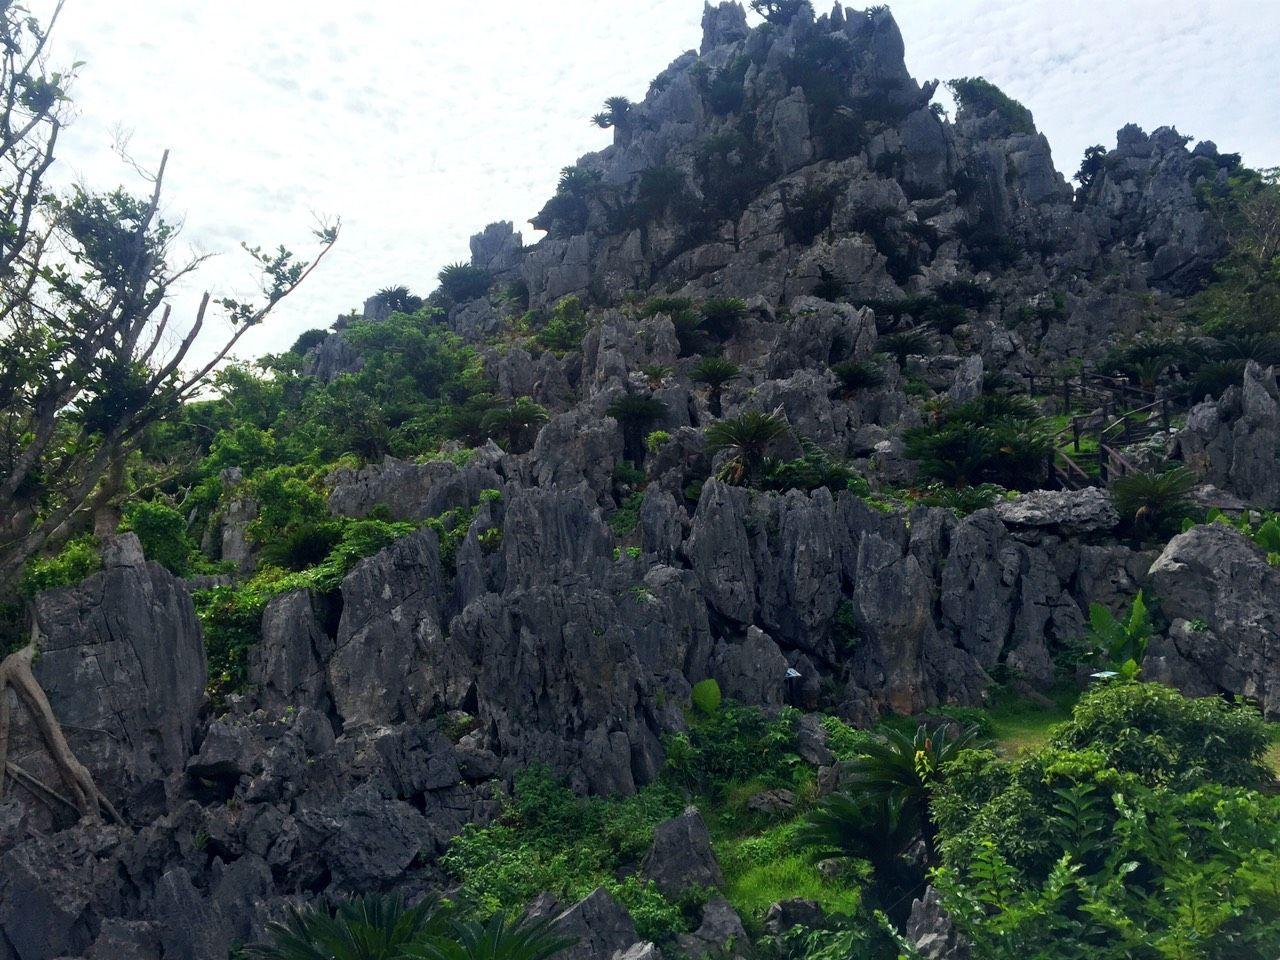 琉球神話を感じに行こう!沖縄大石林山のがじゅまるロードを歩く